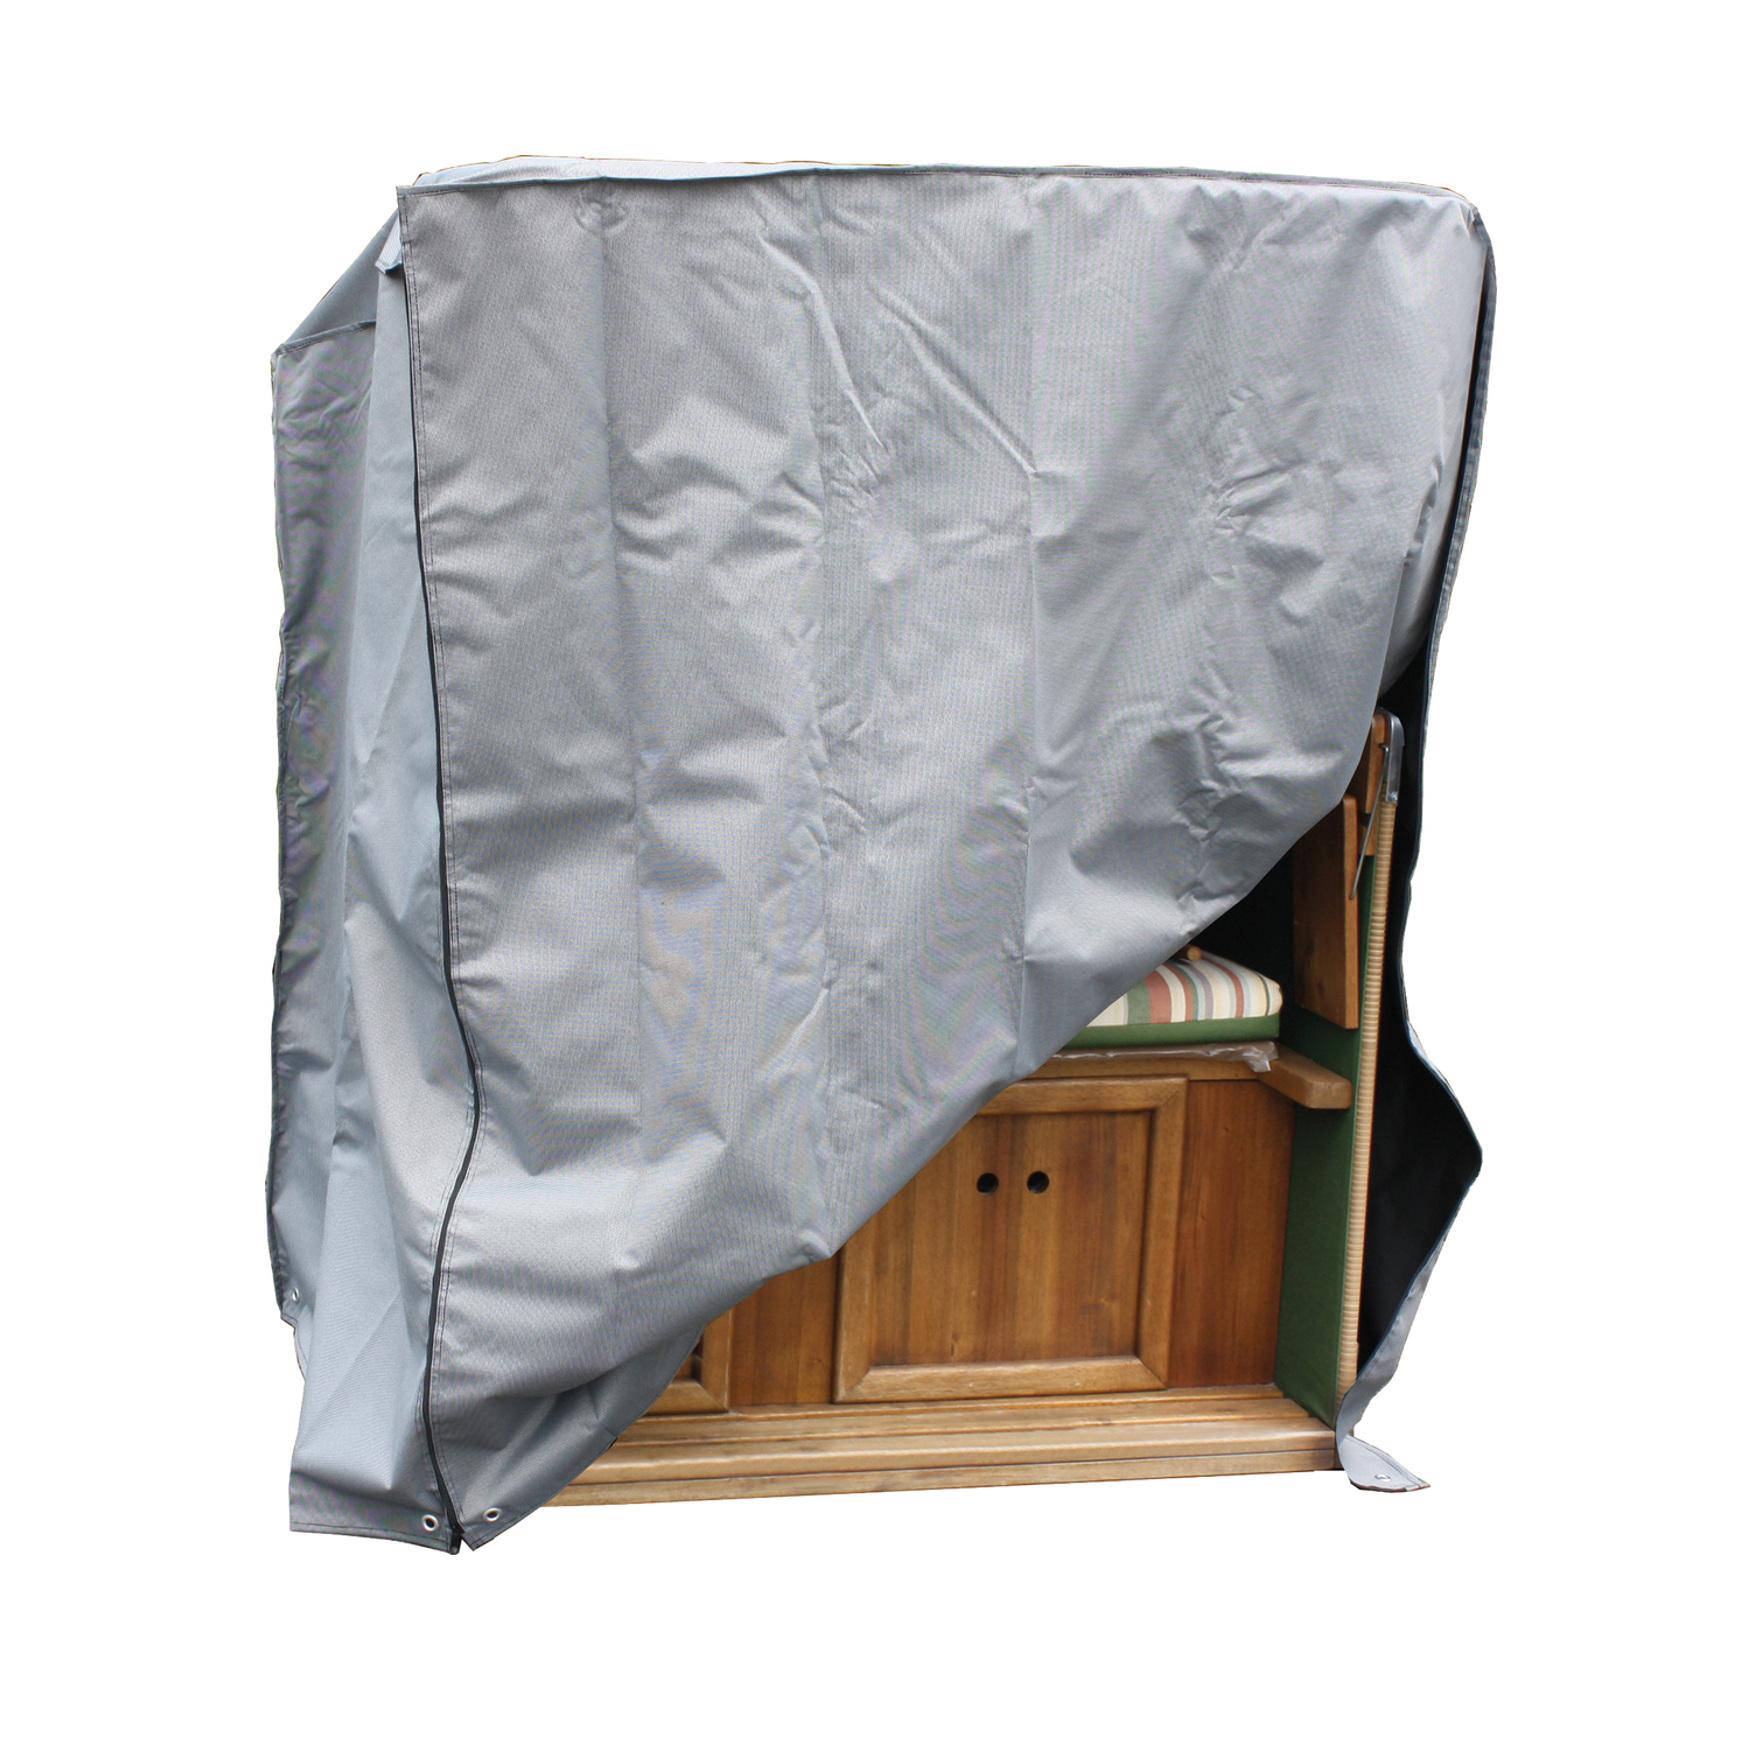 schutzh lle consul garden luxus f r strandkorb 148 cm breit grau garten. Black Bedroom Furniture Sets. Home Design Ideas